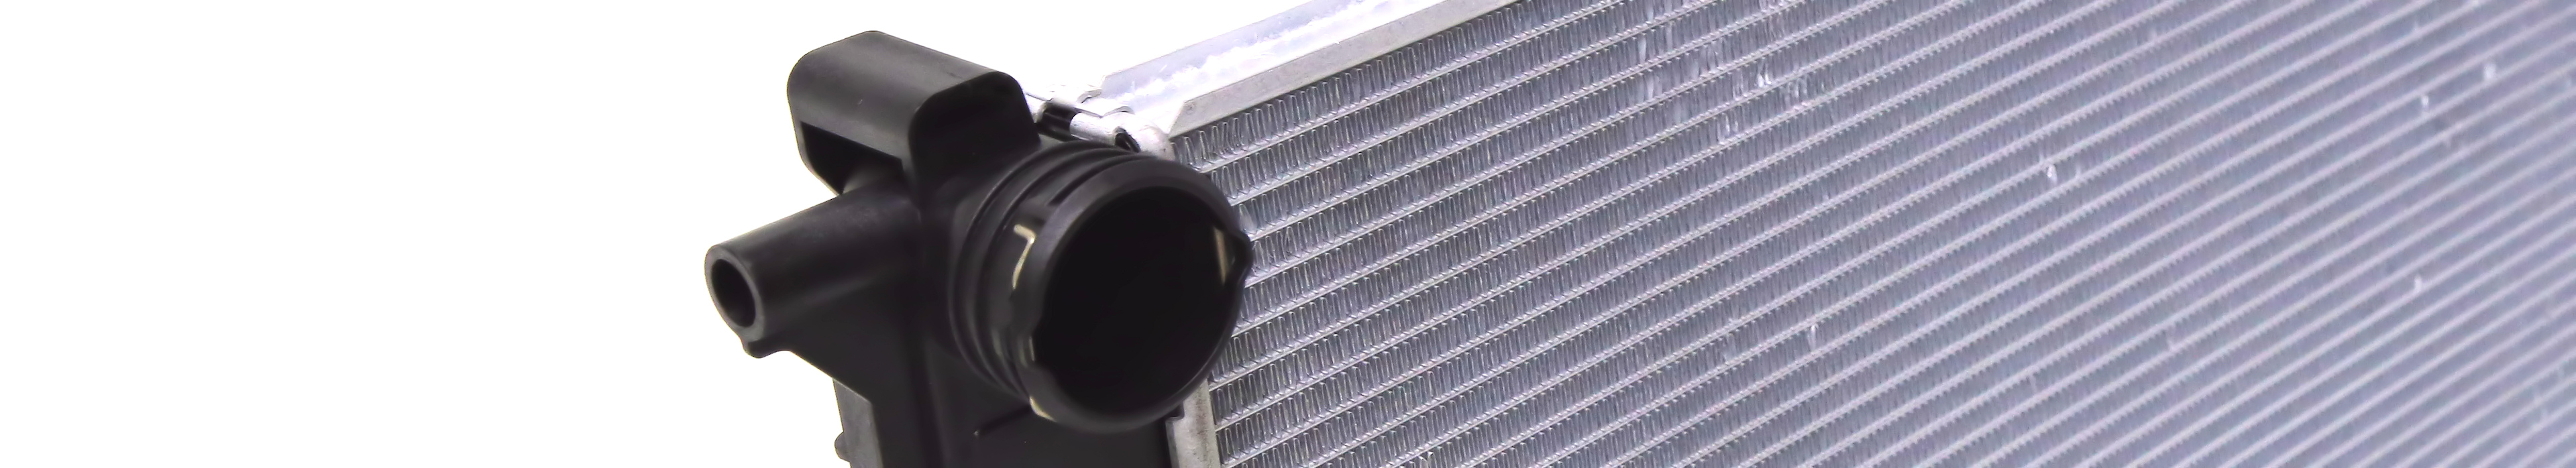 Nieuwe radiateur kopen www.carcoolsystems.nl